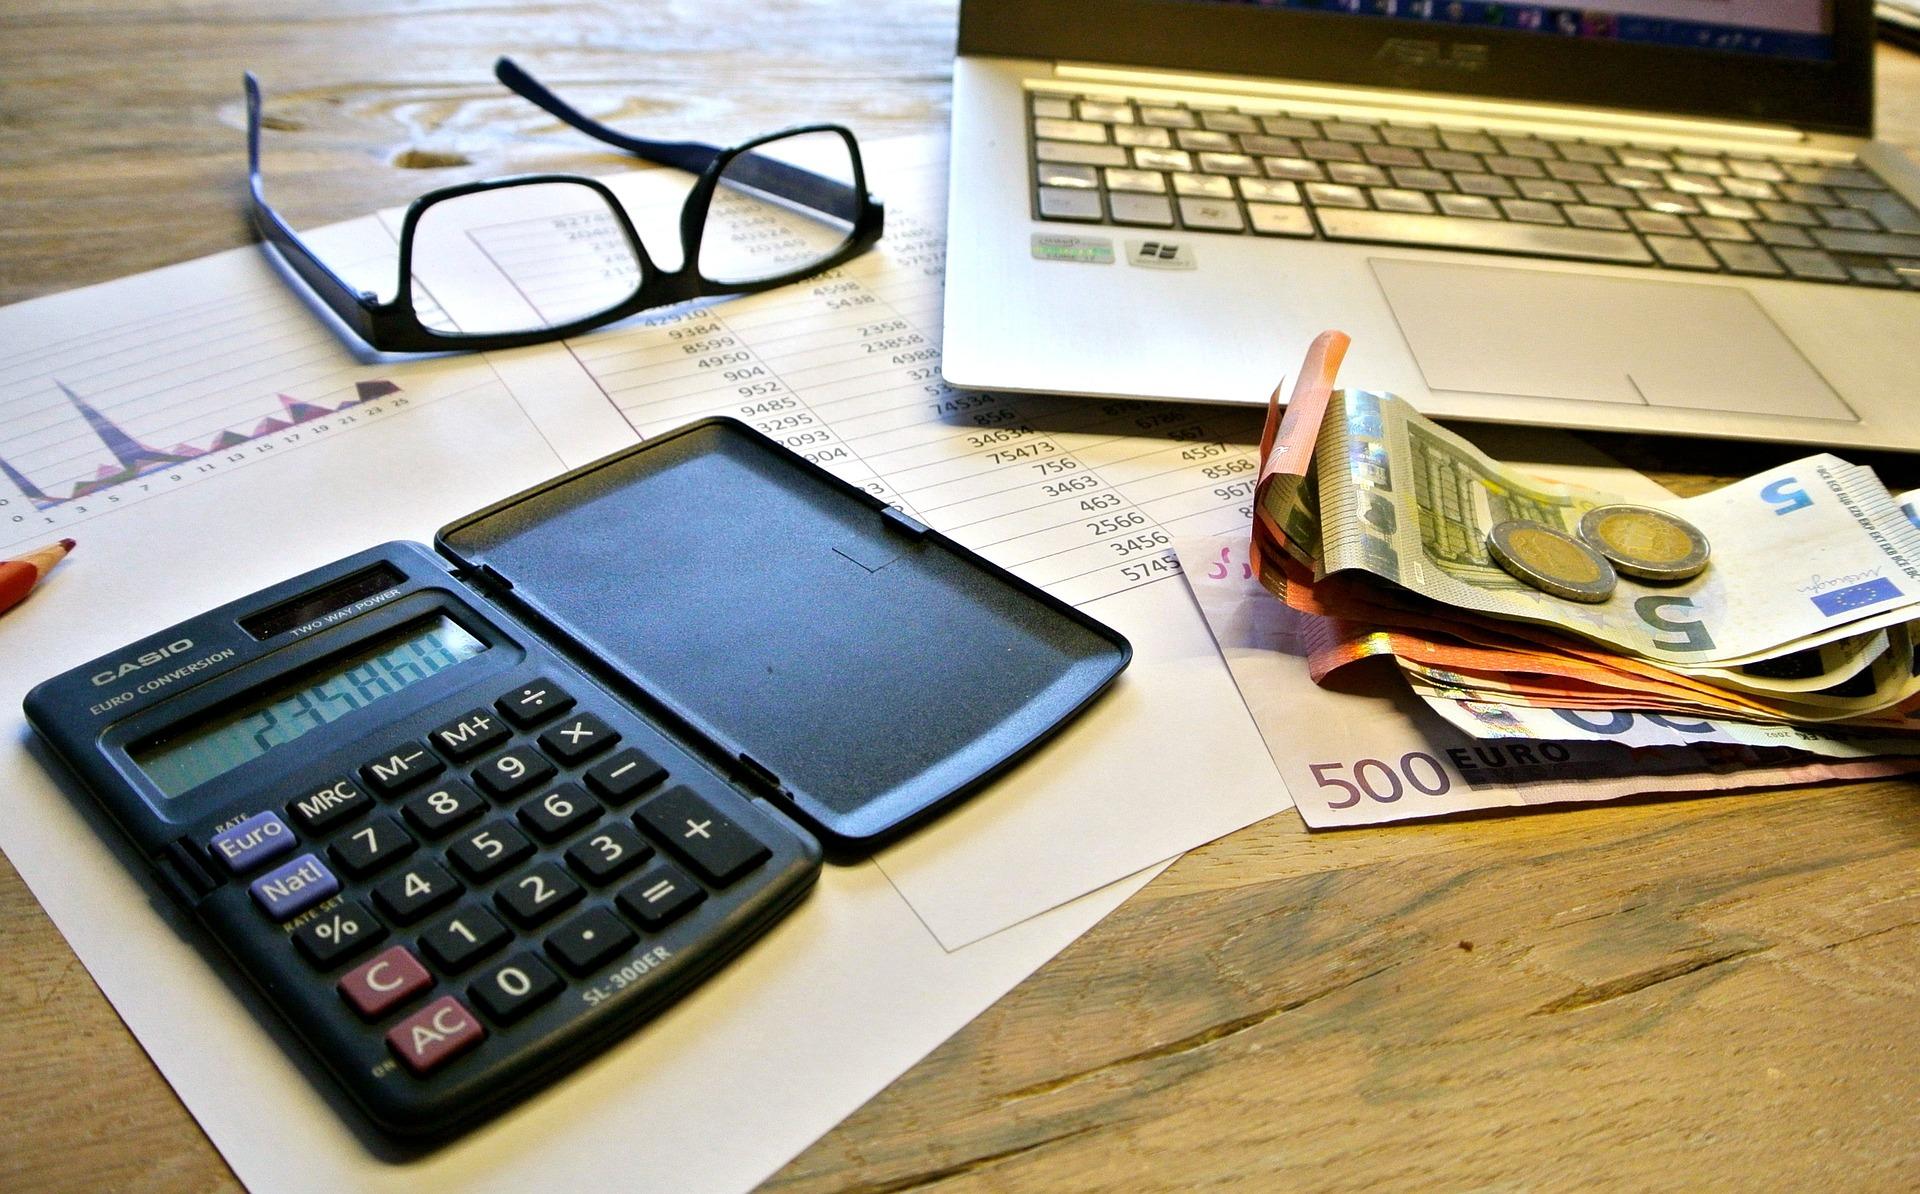 Familienstiftungen können ein interessantes Instrument zur Steuergestaltung sein.